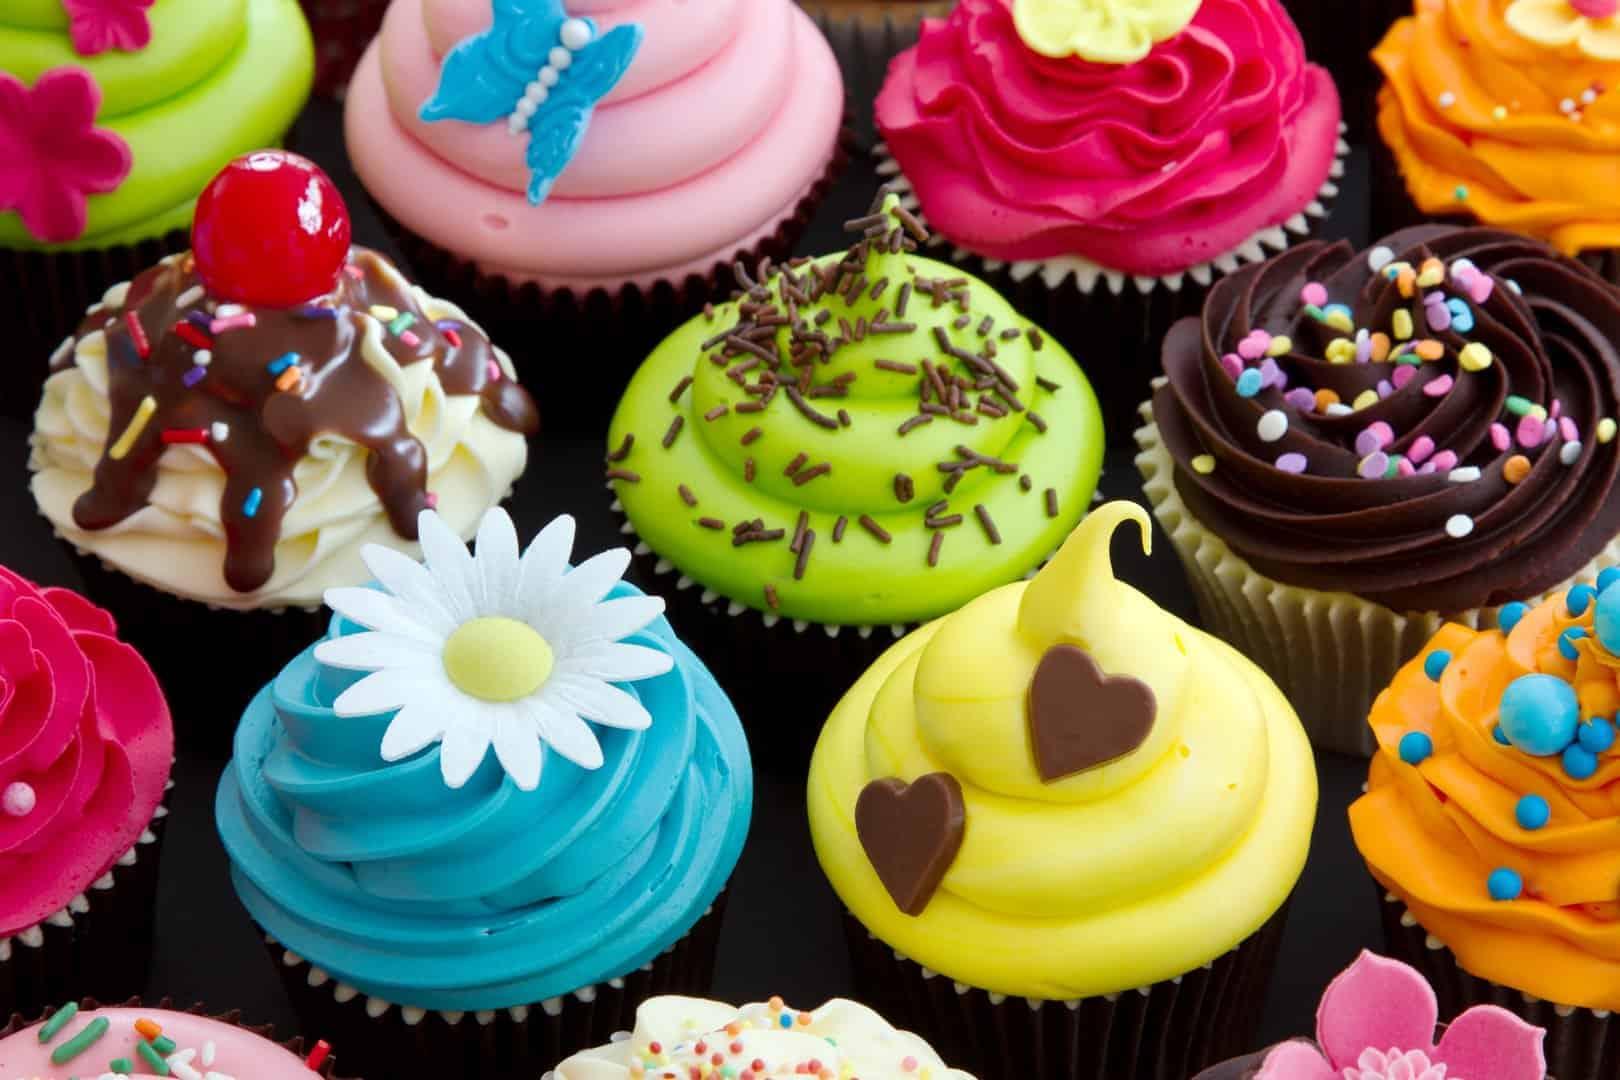 cupcake puns